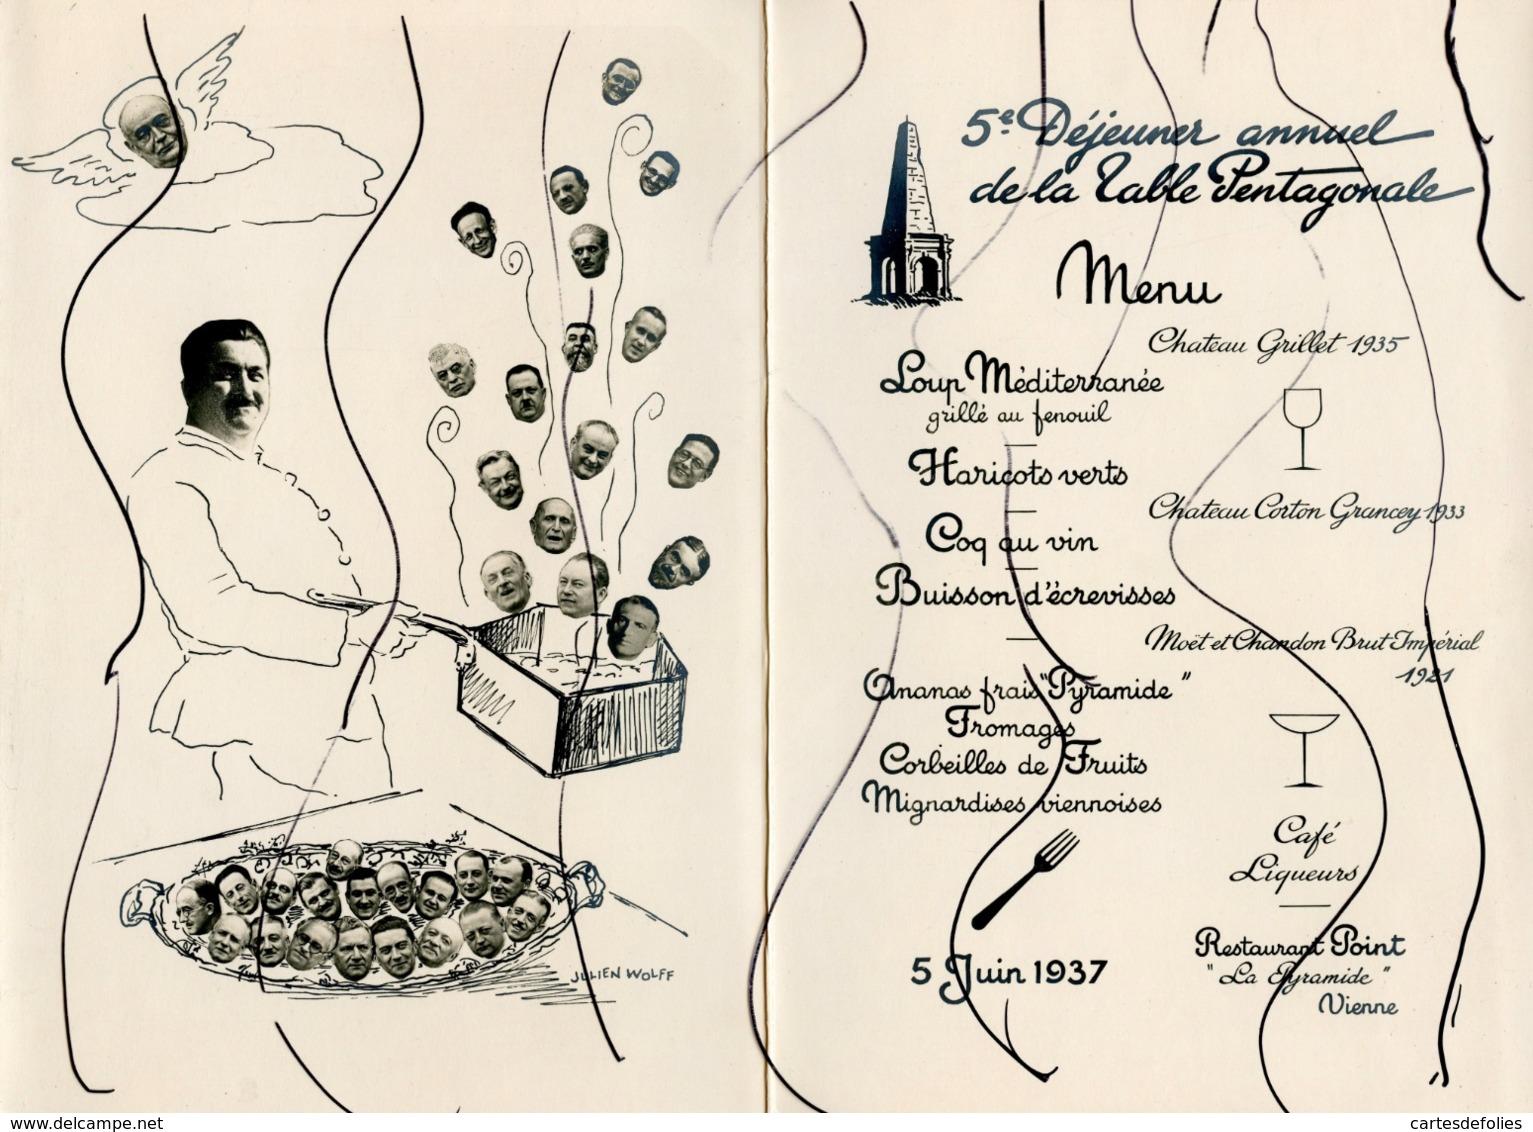 MENU. VIENNE. Restaurant POINT. 5e Déjeuner Annuel De La Table Pentagonale. 5 Juin 1937 . - Menus